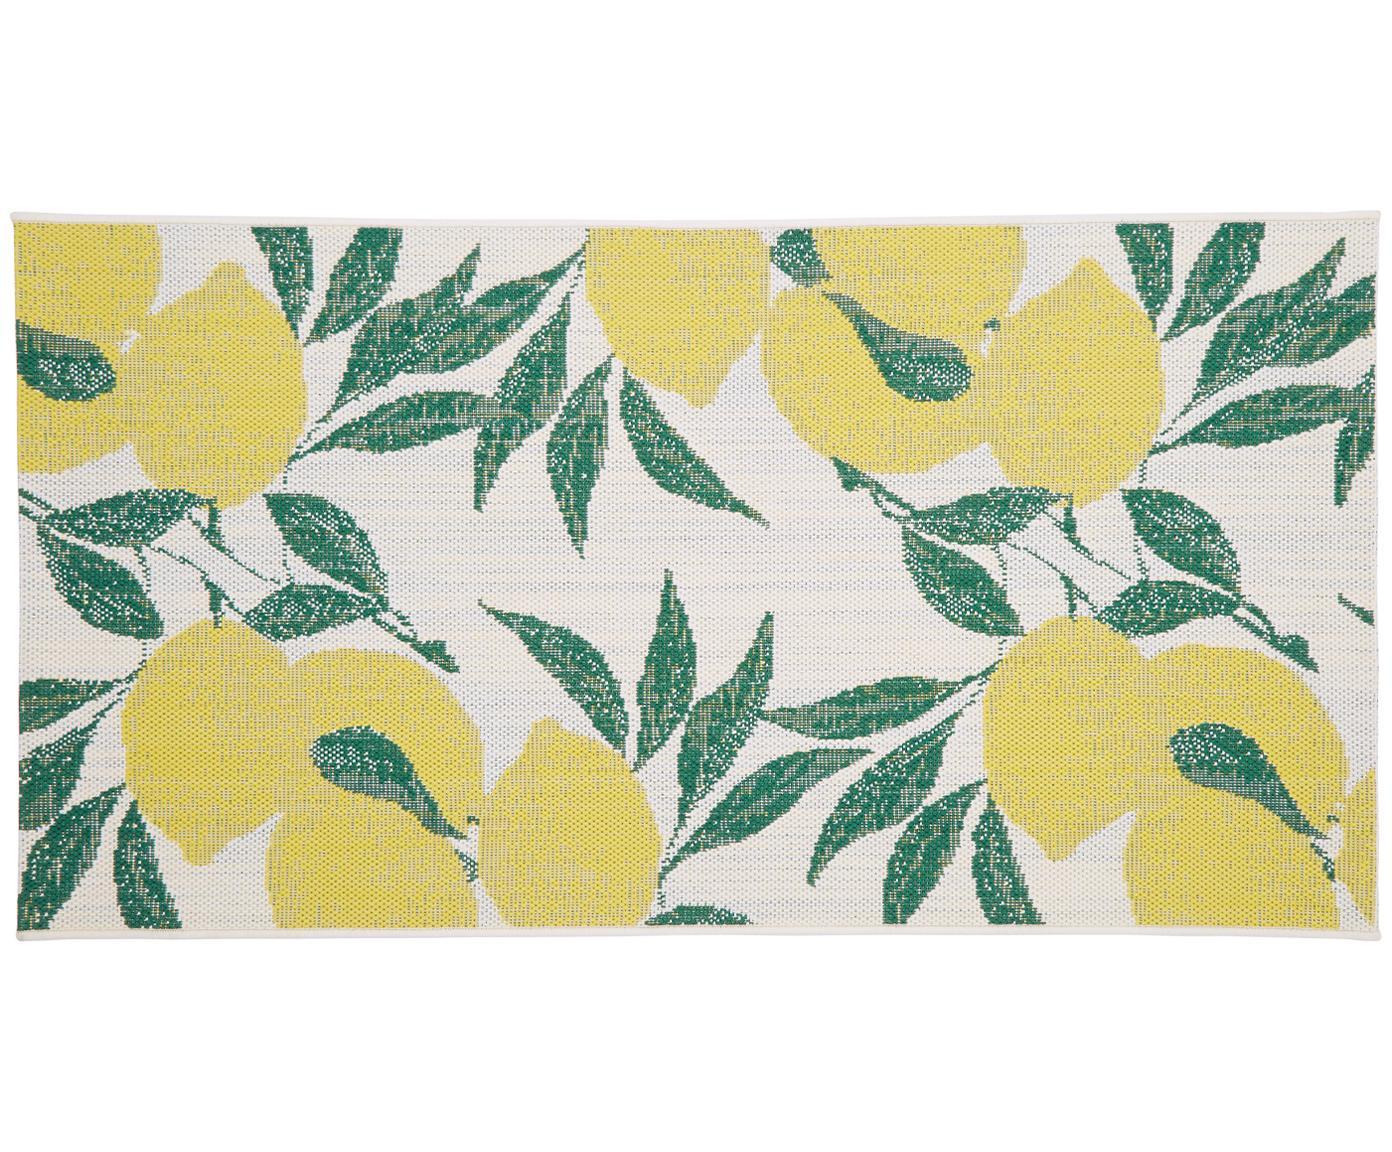 In- & Outdoor-Teppich Limonia mit Zitronen Print, Flor: 100% Polypropylen, Cremeweiß, Gelb, Grün, B 80 x L 150 cm (Größe XS)